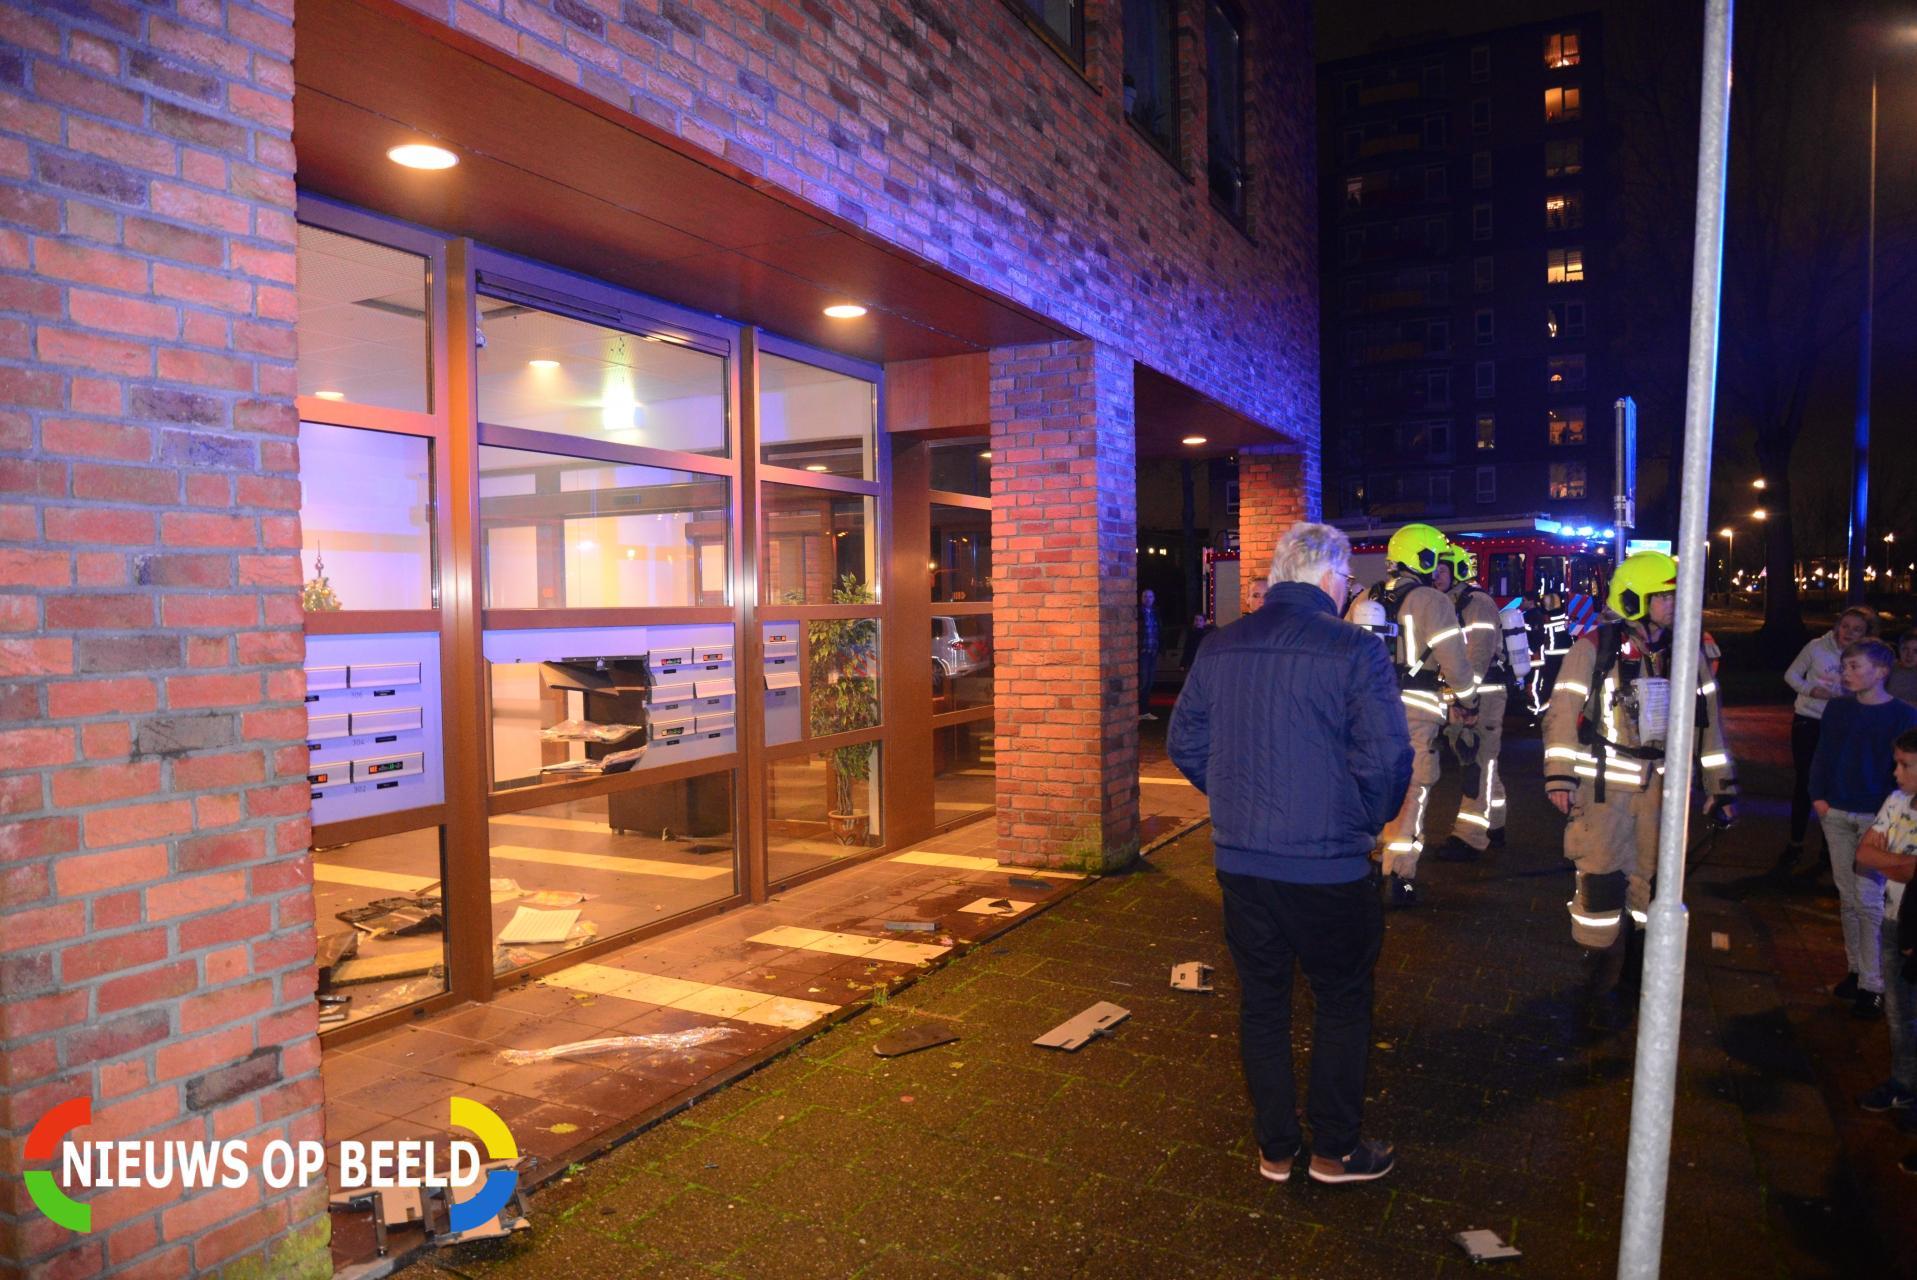 Jeugd blaast brievenbussen uit portiek Charley Tooropsingel Rotterdam